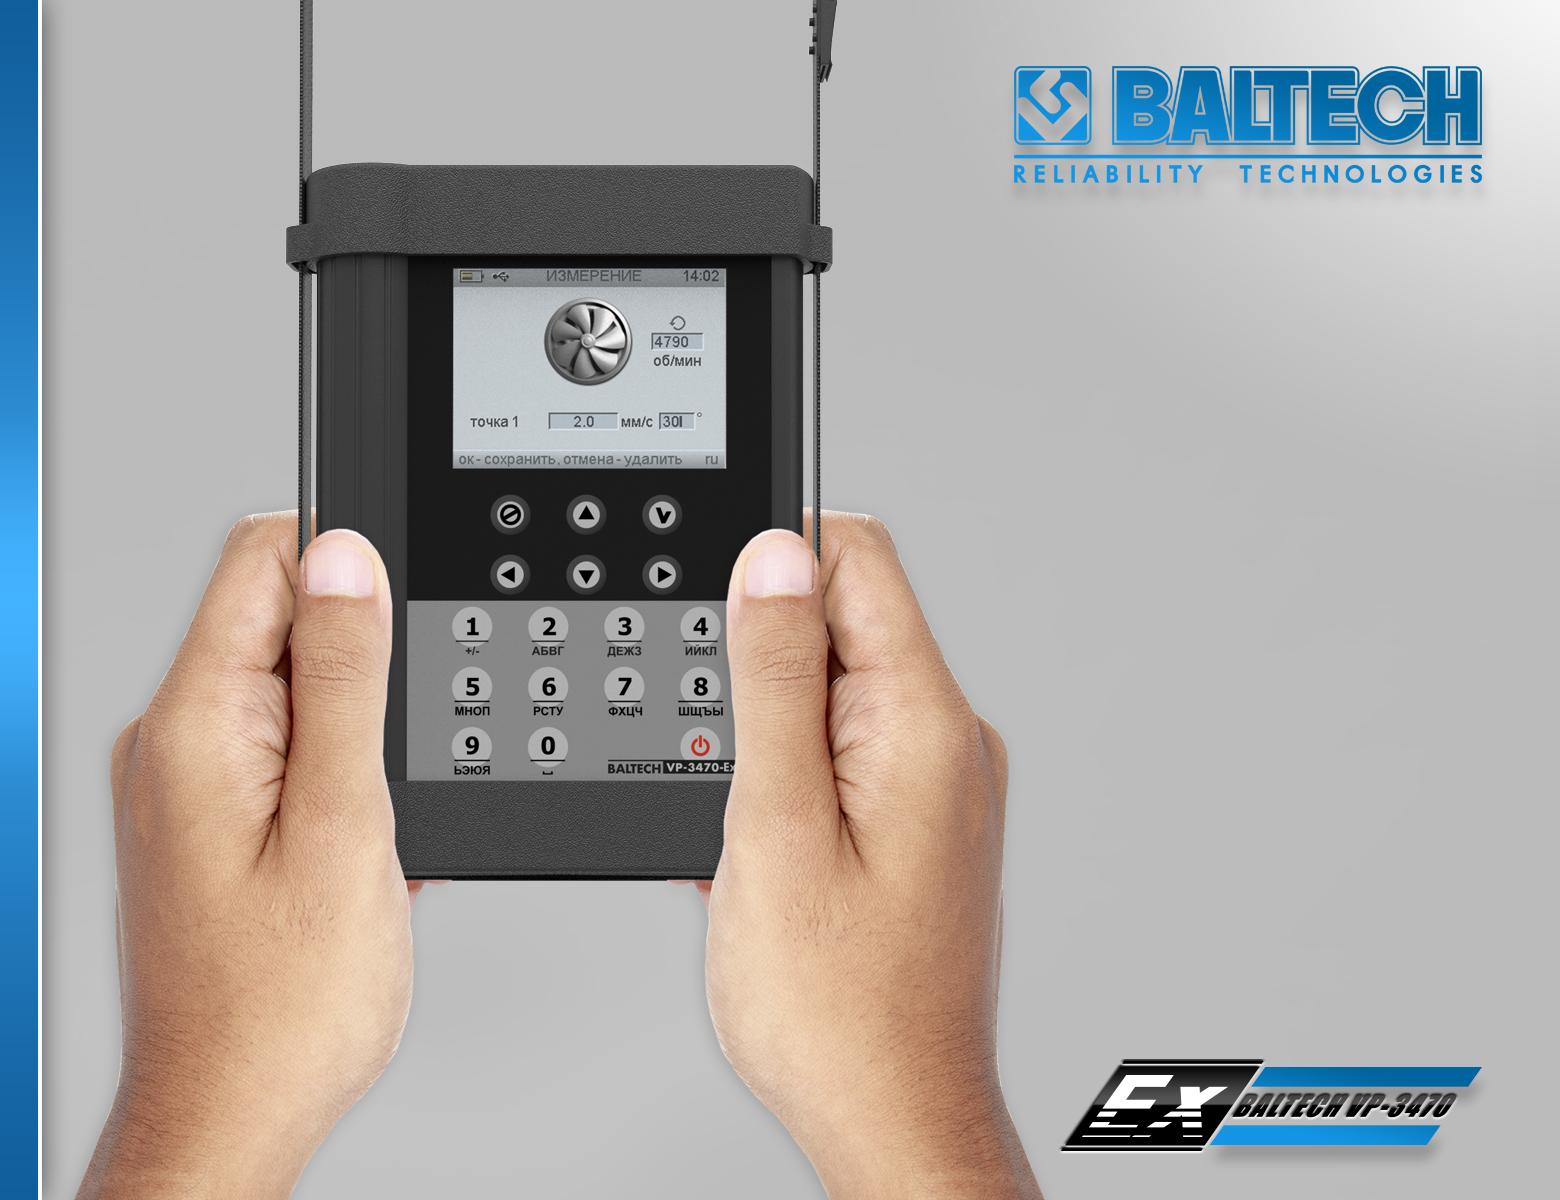 BALTECH VP-3470-Ех, Балансировка ротора, вибродиагностика и балансировка, дисбаланс ротора, виброналадка, фаза вибрации